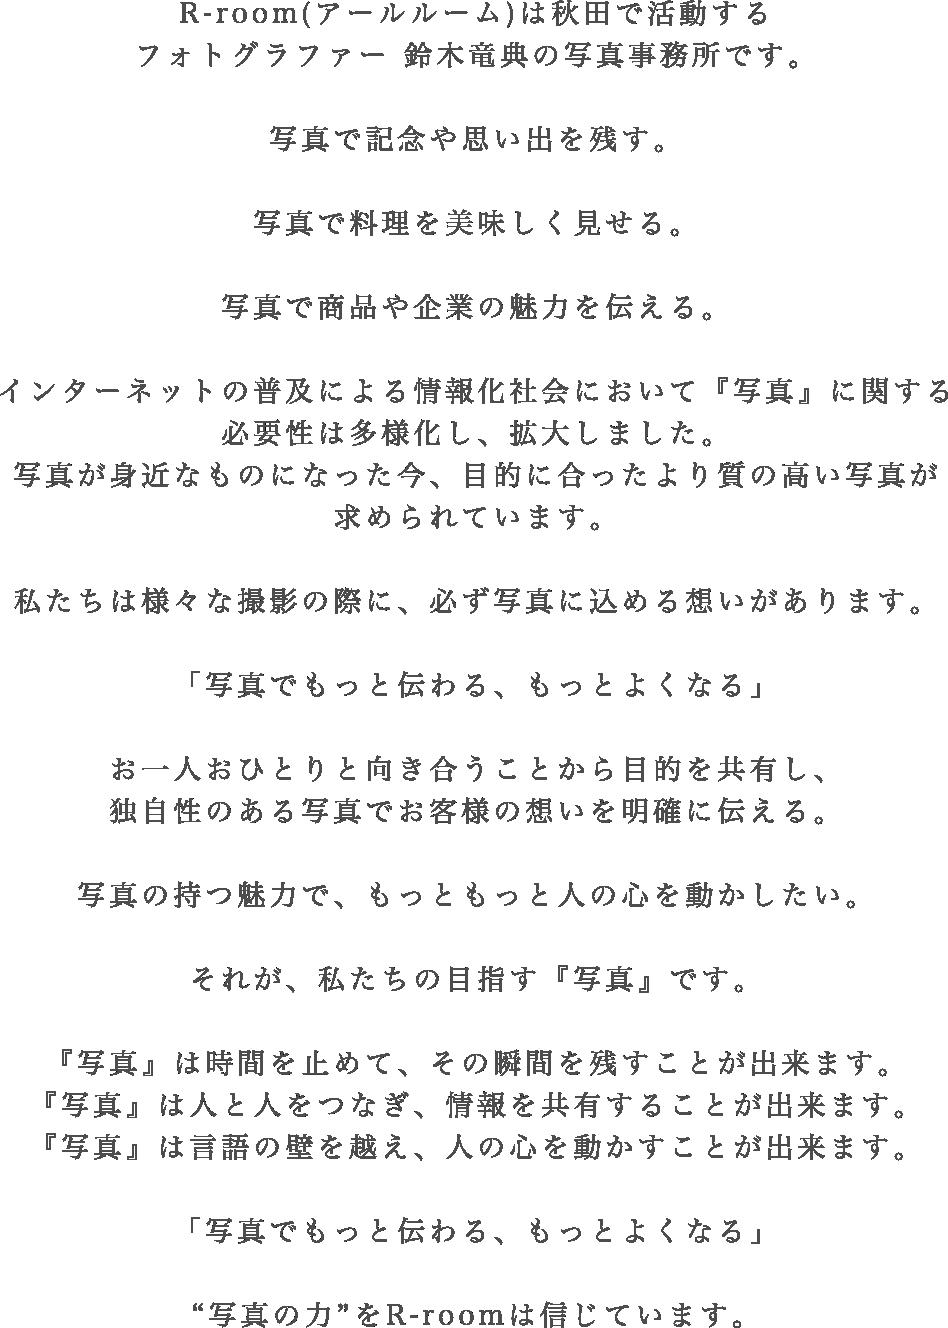 """R-room(アールルーム)は秋田で活動するフォトグラファー 鈴木竜典の写真事務所です。写真で記念や思い出を残す。写真で料理を美味しく見せる。写真で商品や企業の魅力を伝える。インターネットの普及による情報化社会において『写真』に関する必要性は多様化し、拡大しました。そうした中で、目的に合ったより質の高い写真が求められています。私たちは様々な撮影で、必ず写真に込める想いがあります。「写真でもっと伝わる、もっとよくなる」お一人おひとりと向き合うことで目的を共有し、独自性のある写真でお客様の想いを明確に伝える。写真の持つ魅力で、もっともっと人の心を動かしたい。それが、私たちの目指す『写真』です。『写真』は時間を止めて、その瞬間を残すことが出来ます。『写真』は人と人をつなぎ、情報を共有することが出来ます。『写真』は言語の壁を越え、人の心を動かすことが出来ます。「写真でもっと伝わる、もっとよくなる」""""写真の力""""をR-roomは信じています。"""